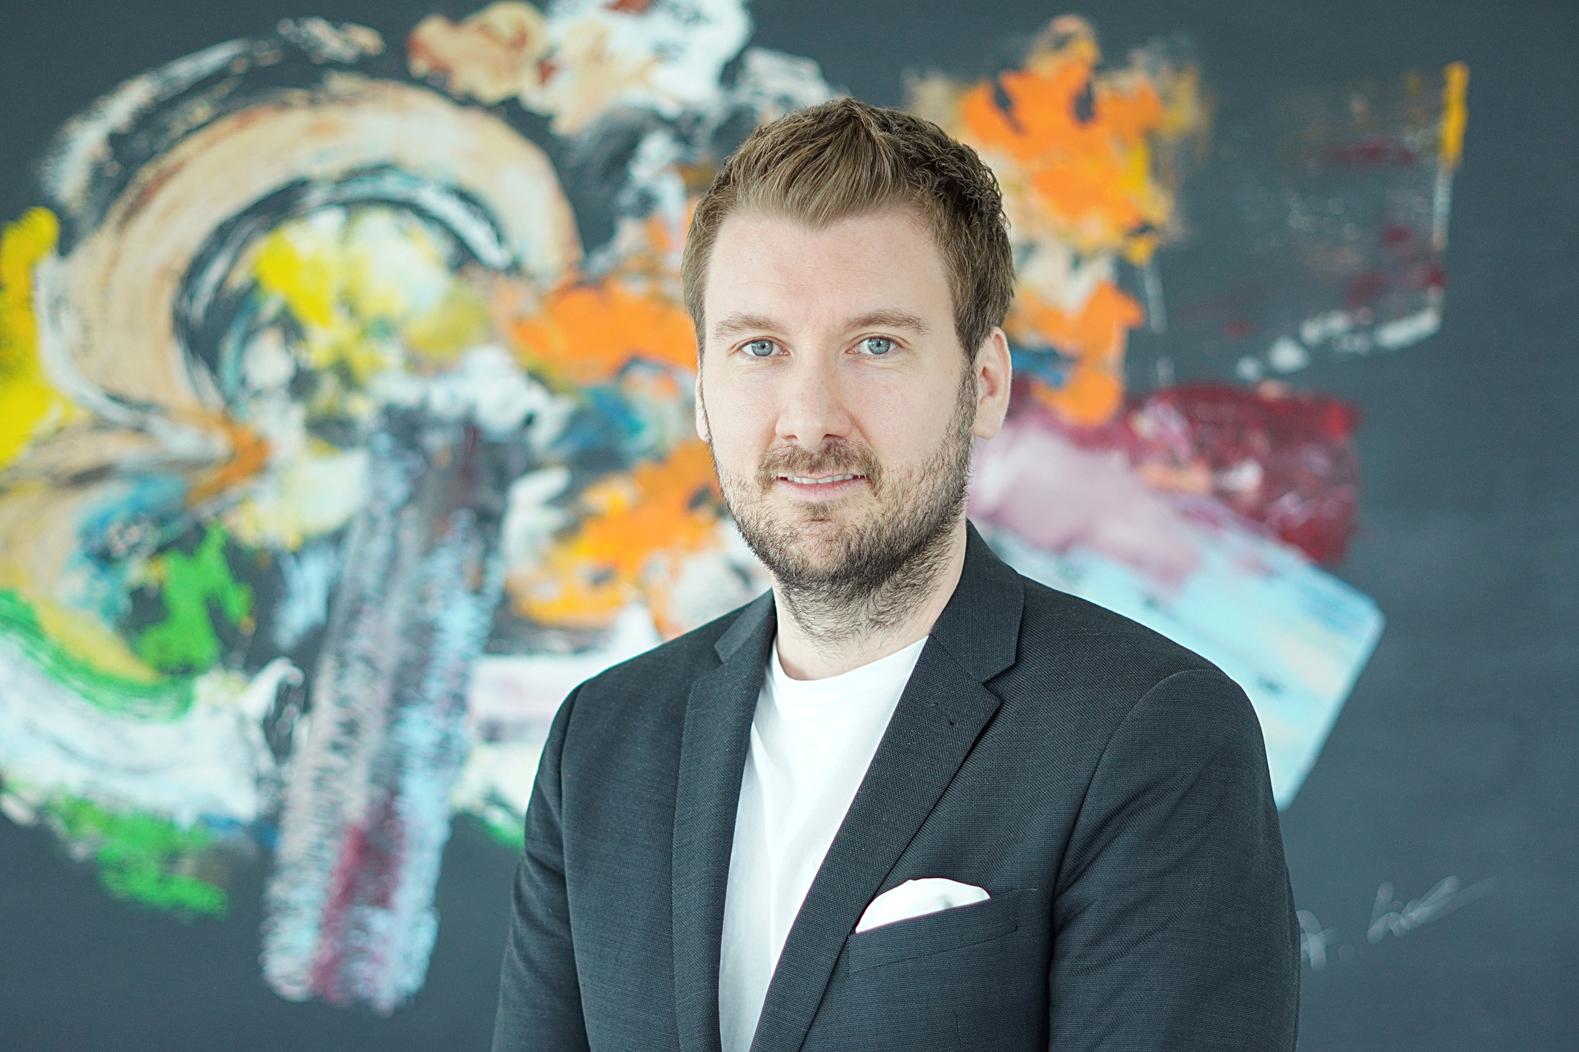 Porträt von Sebastian Merla, Gründer und Vorstandsmitglied der Deutschen Steuerberatergenossenschaft eG.